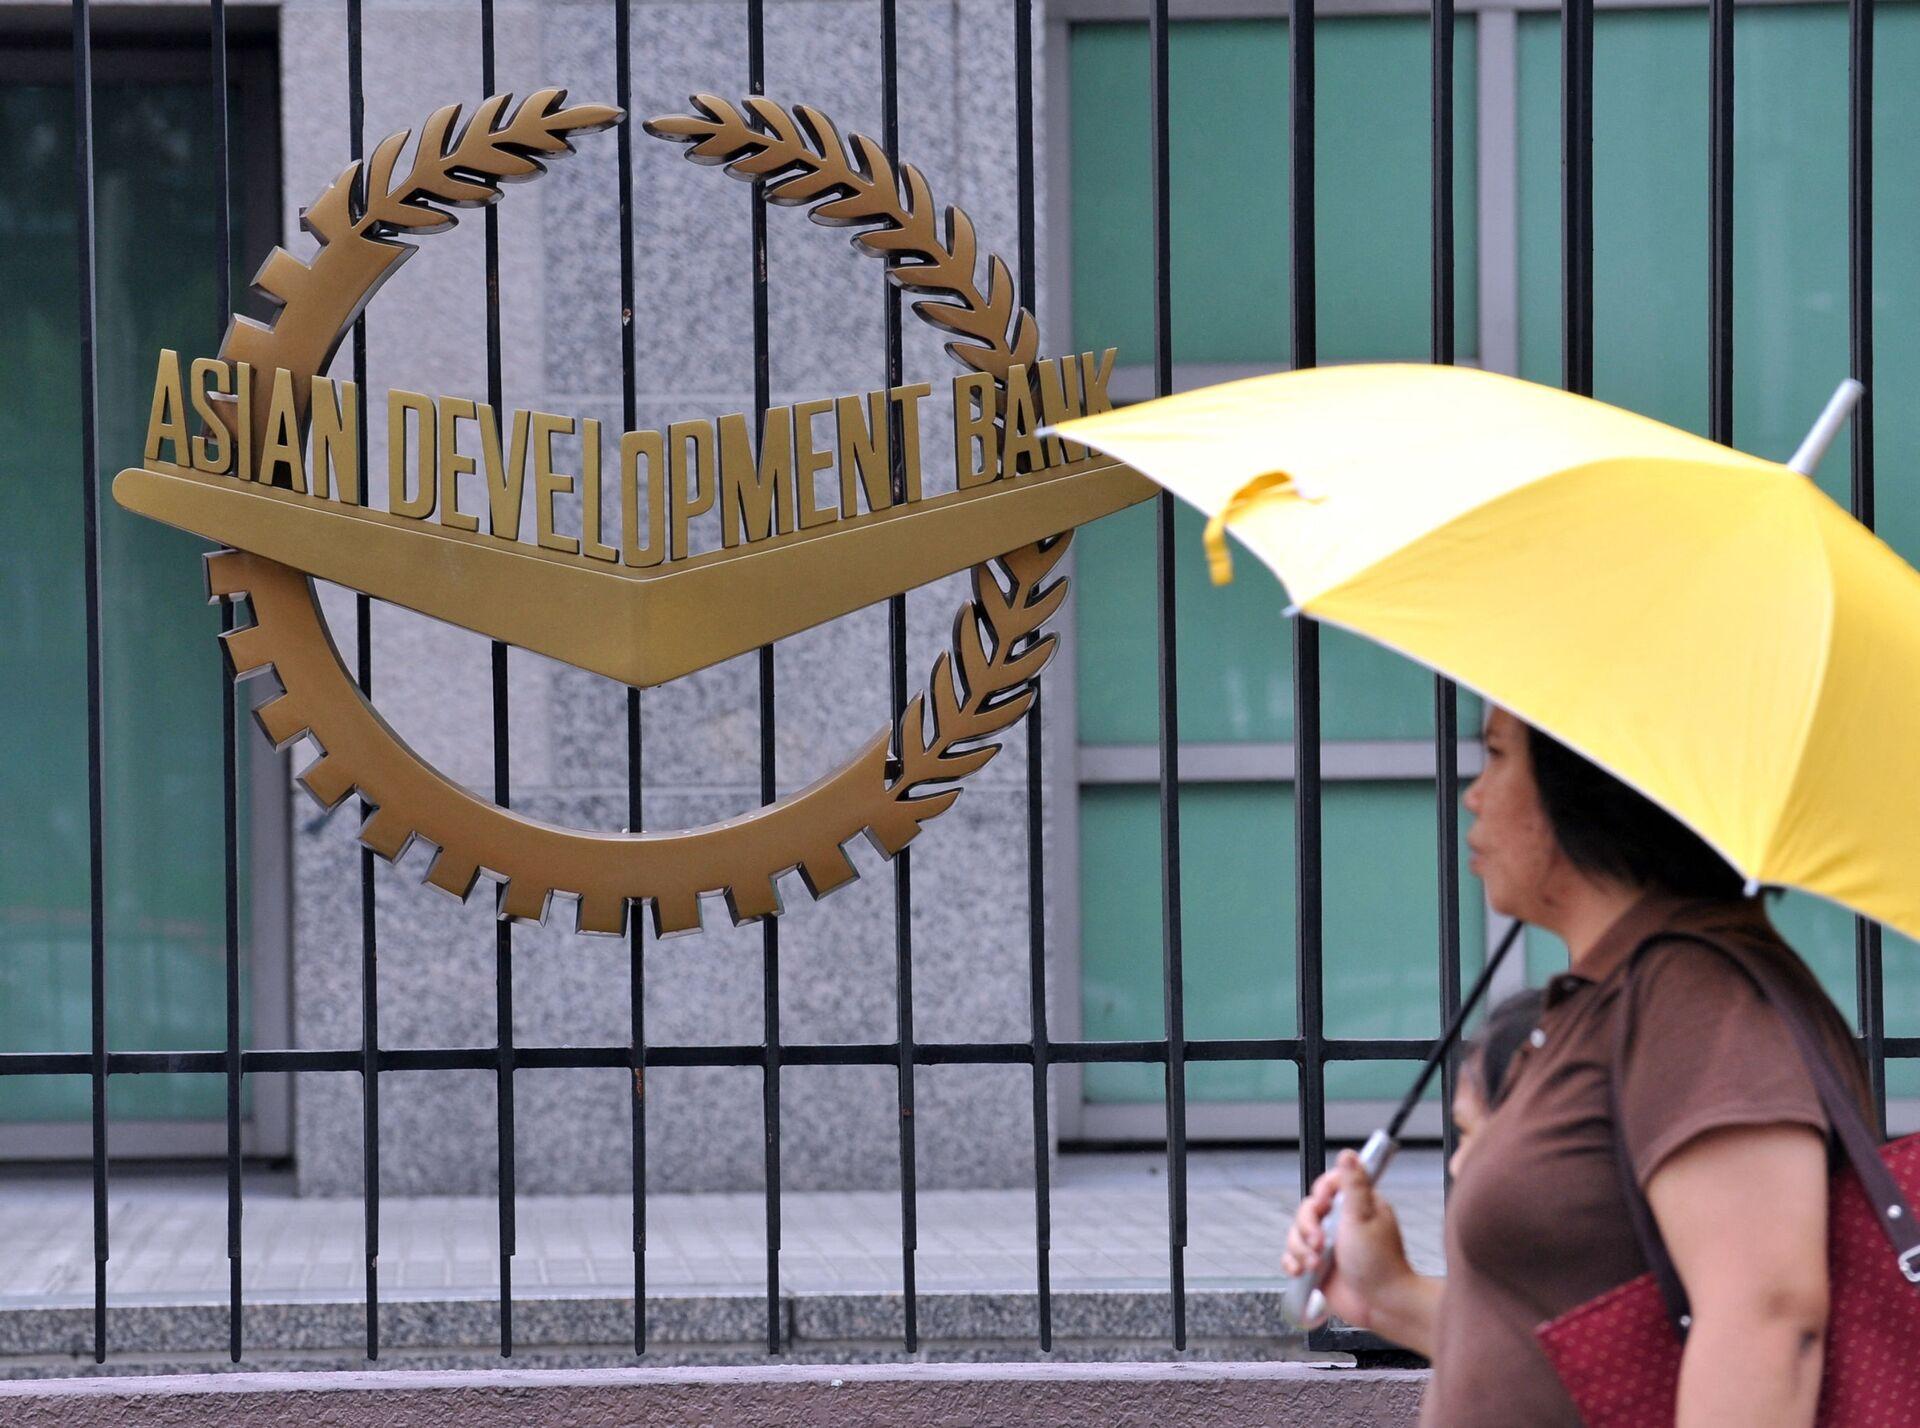 Việt Nam vào top 15 nền kinh tế phục hồi tốt nhất thế giới hậu Covid-19 - Sputnik Việt Nam, 1920, 29.04.2021